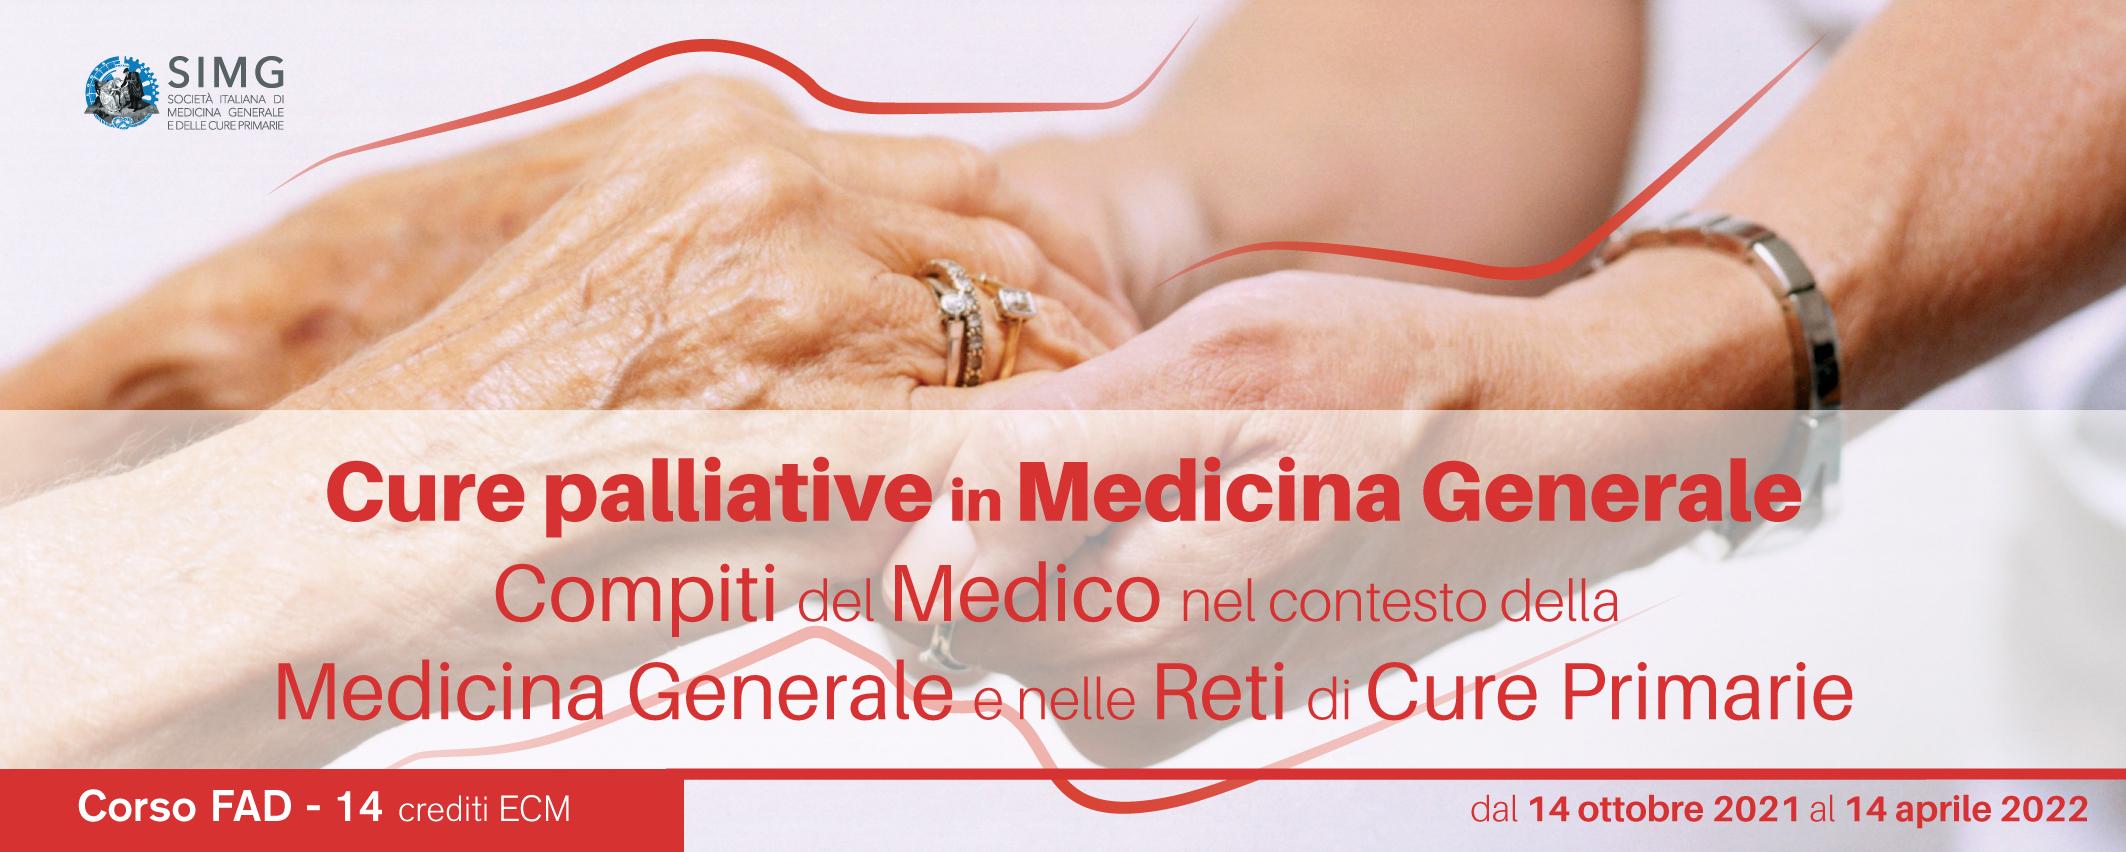 Cure palliative in Medicina Generale